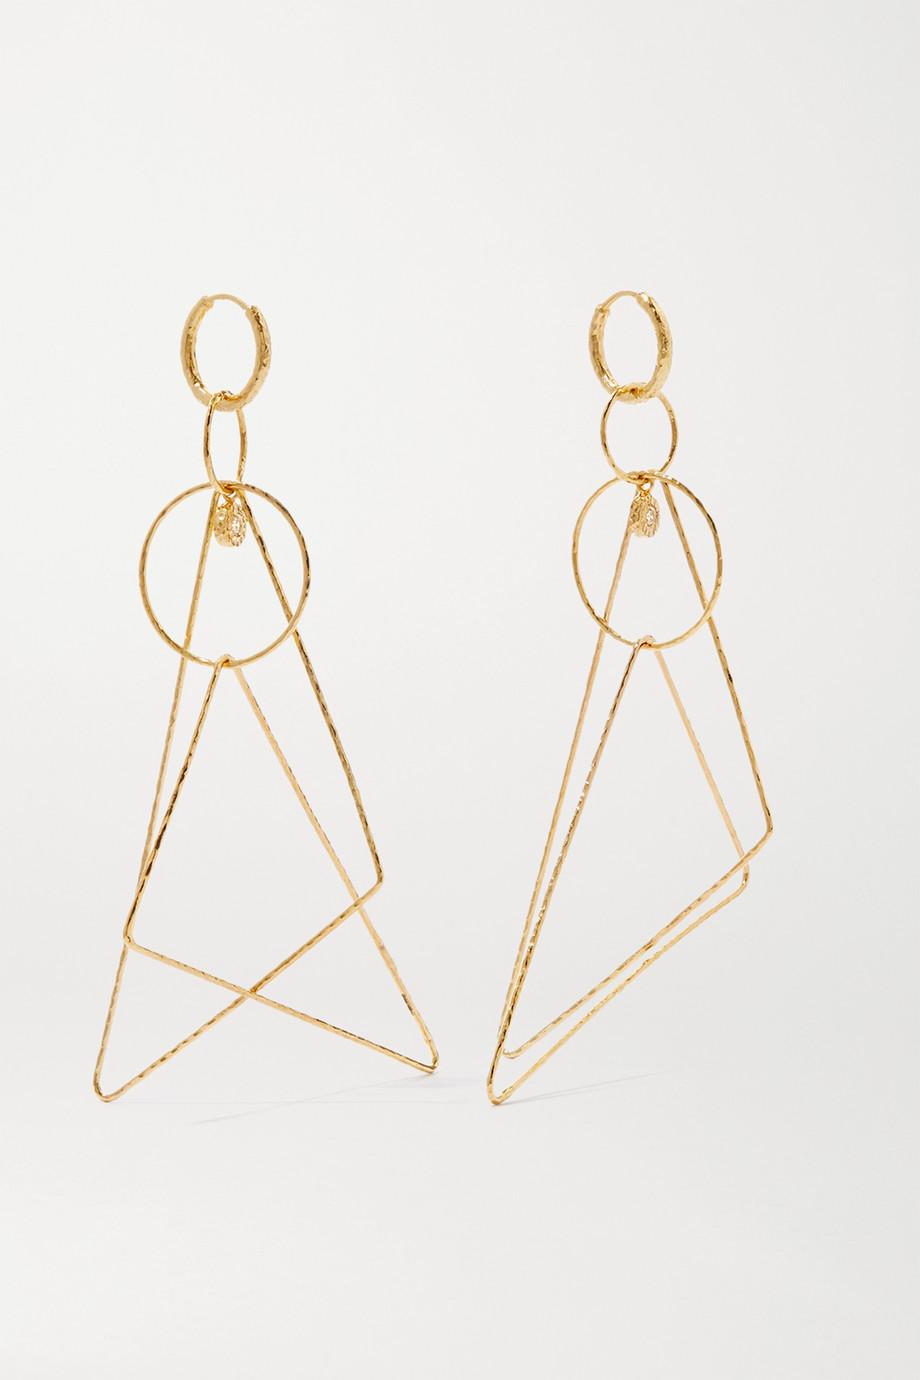 Octavia Elizabeth + NET SUSTAIN Whimsy 18-karat gold diamond earrings